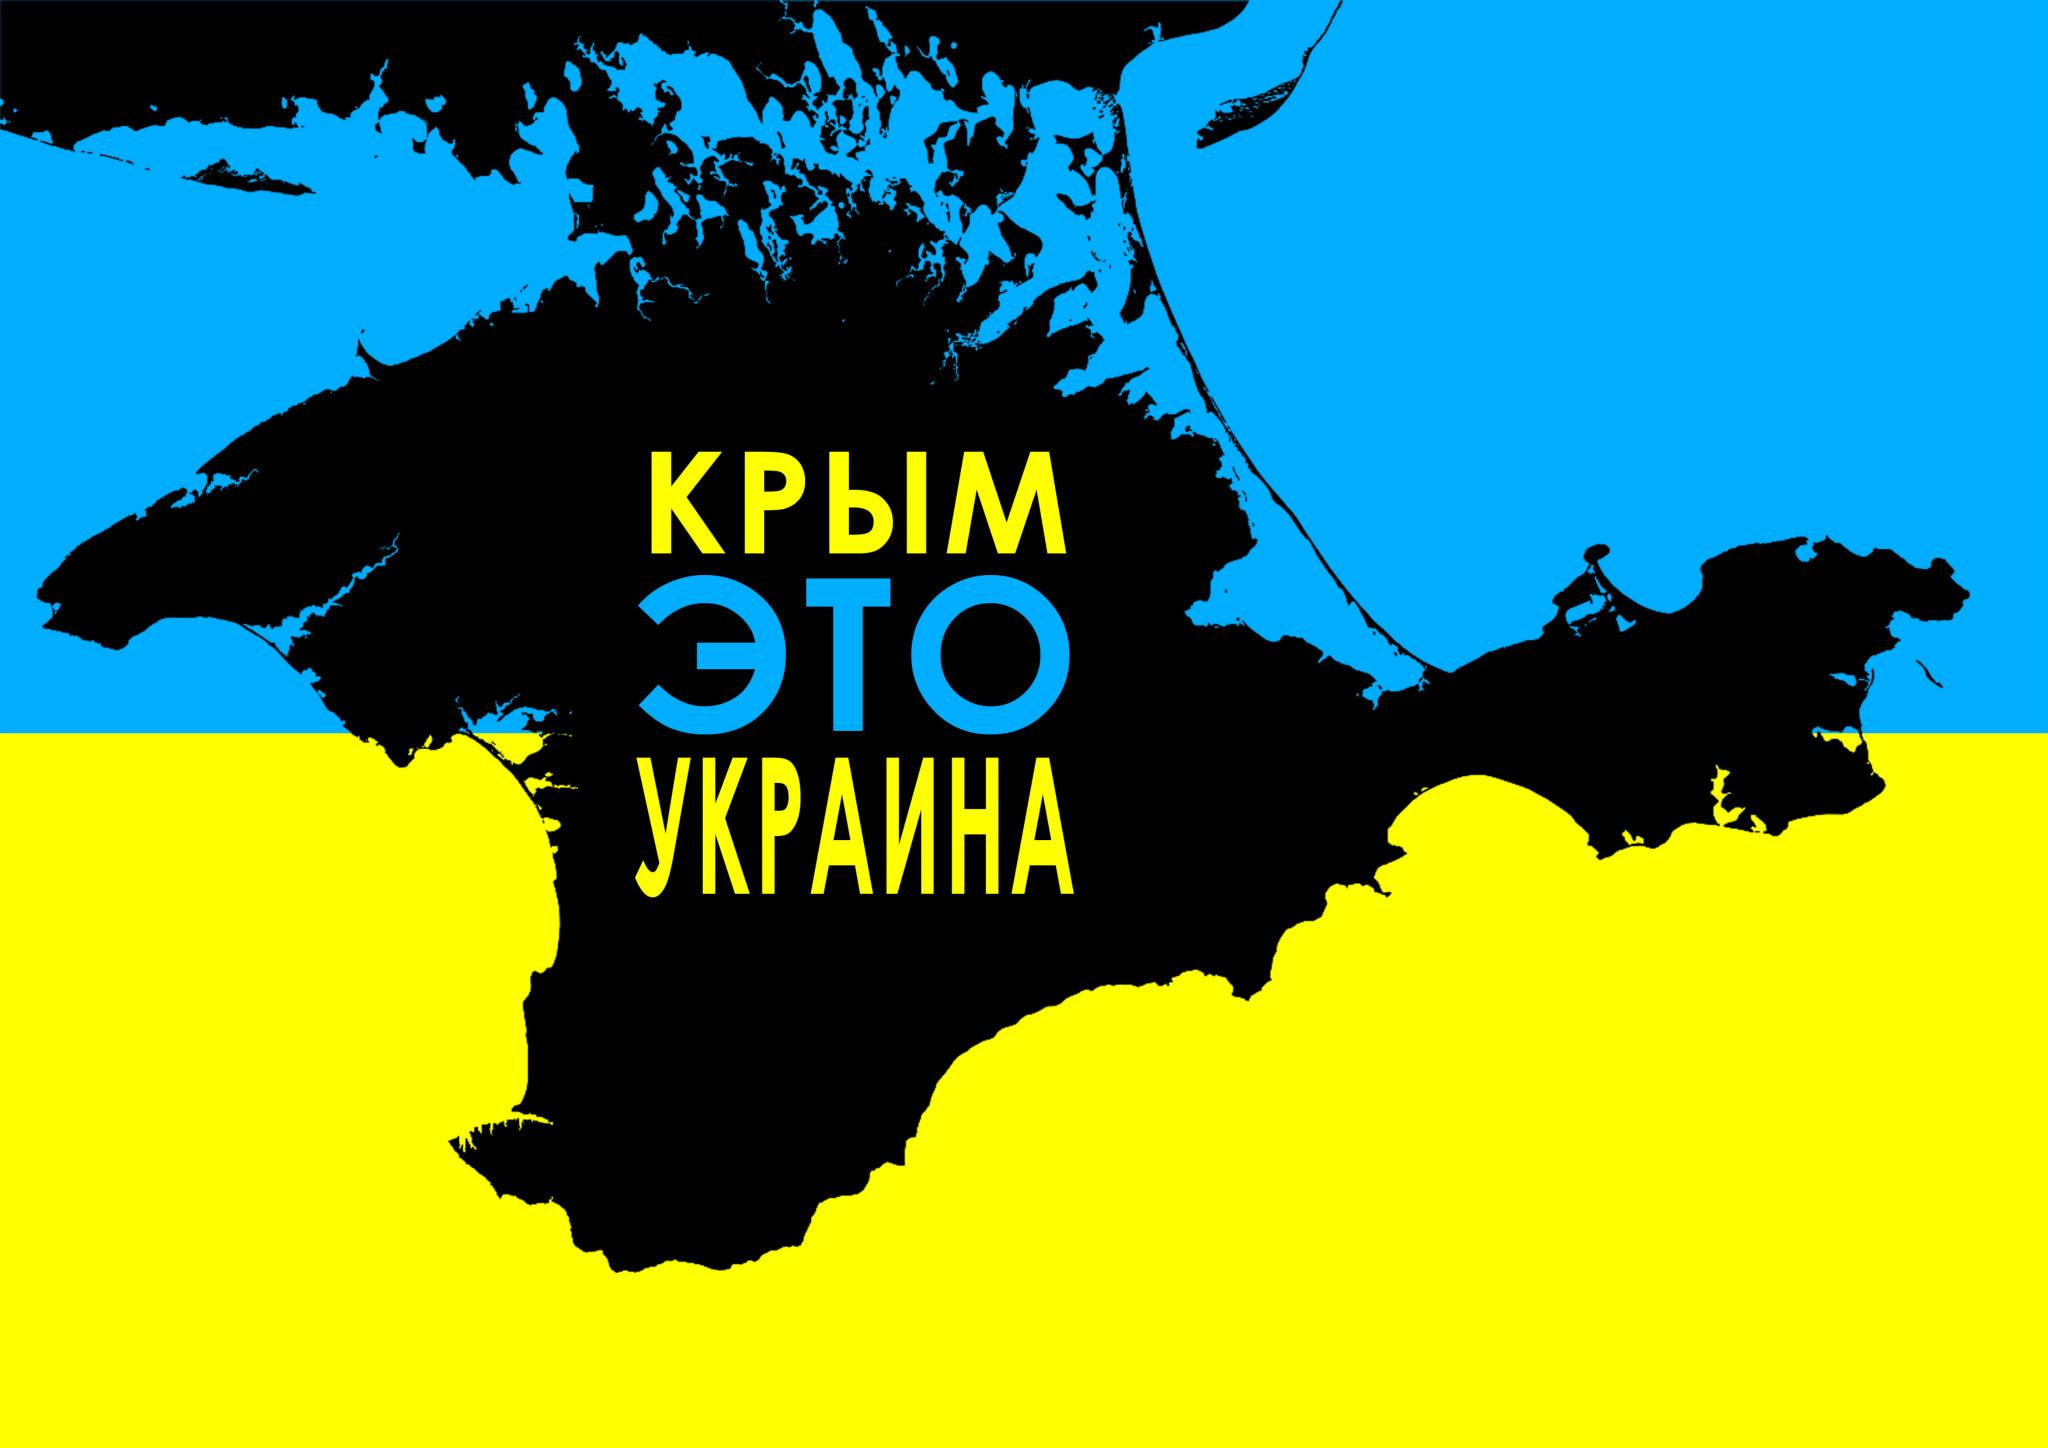 Оккупированный Россией Крым стал свободной экономической зоной Украины